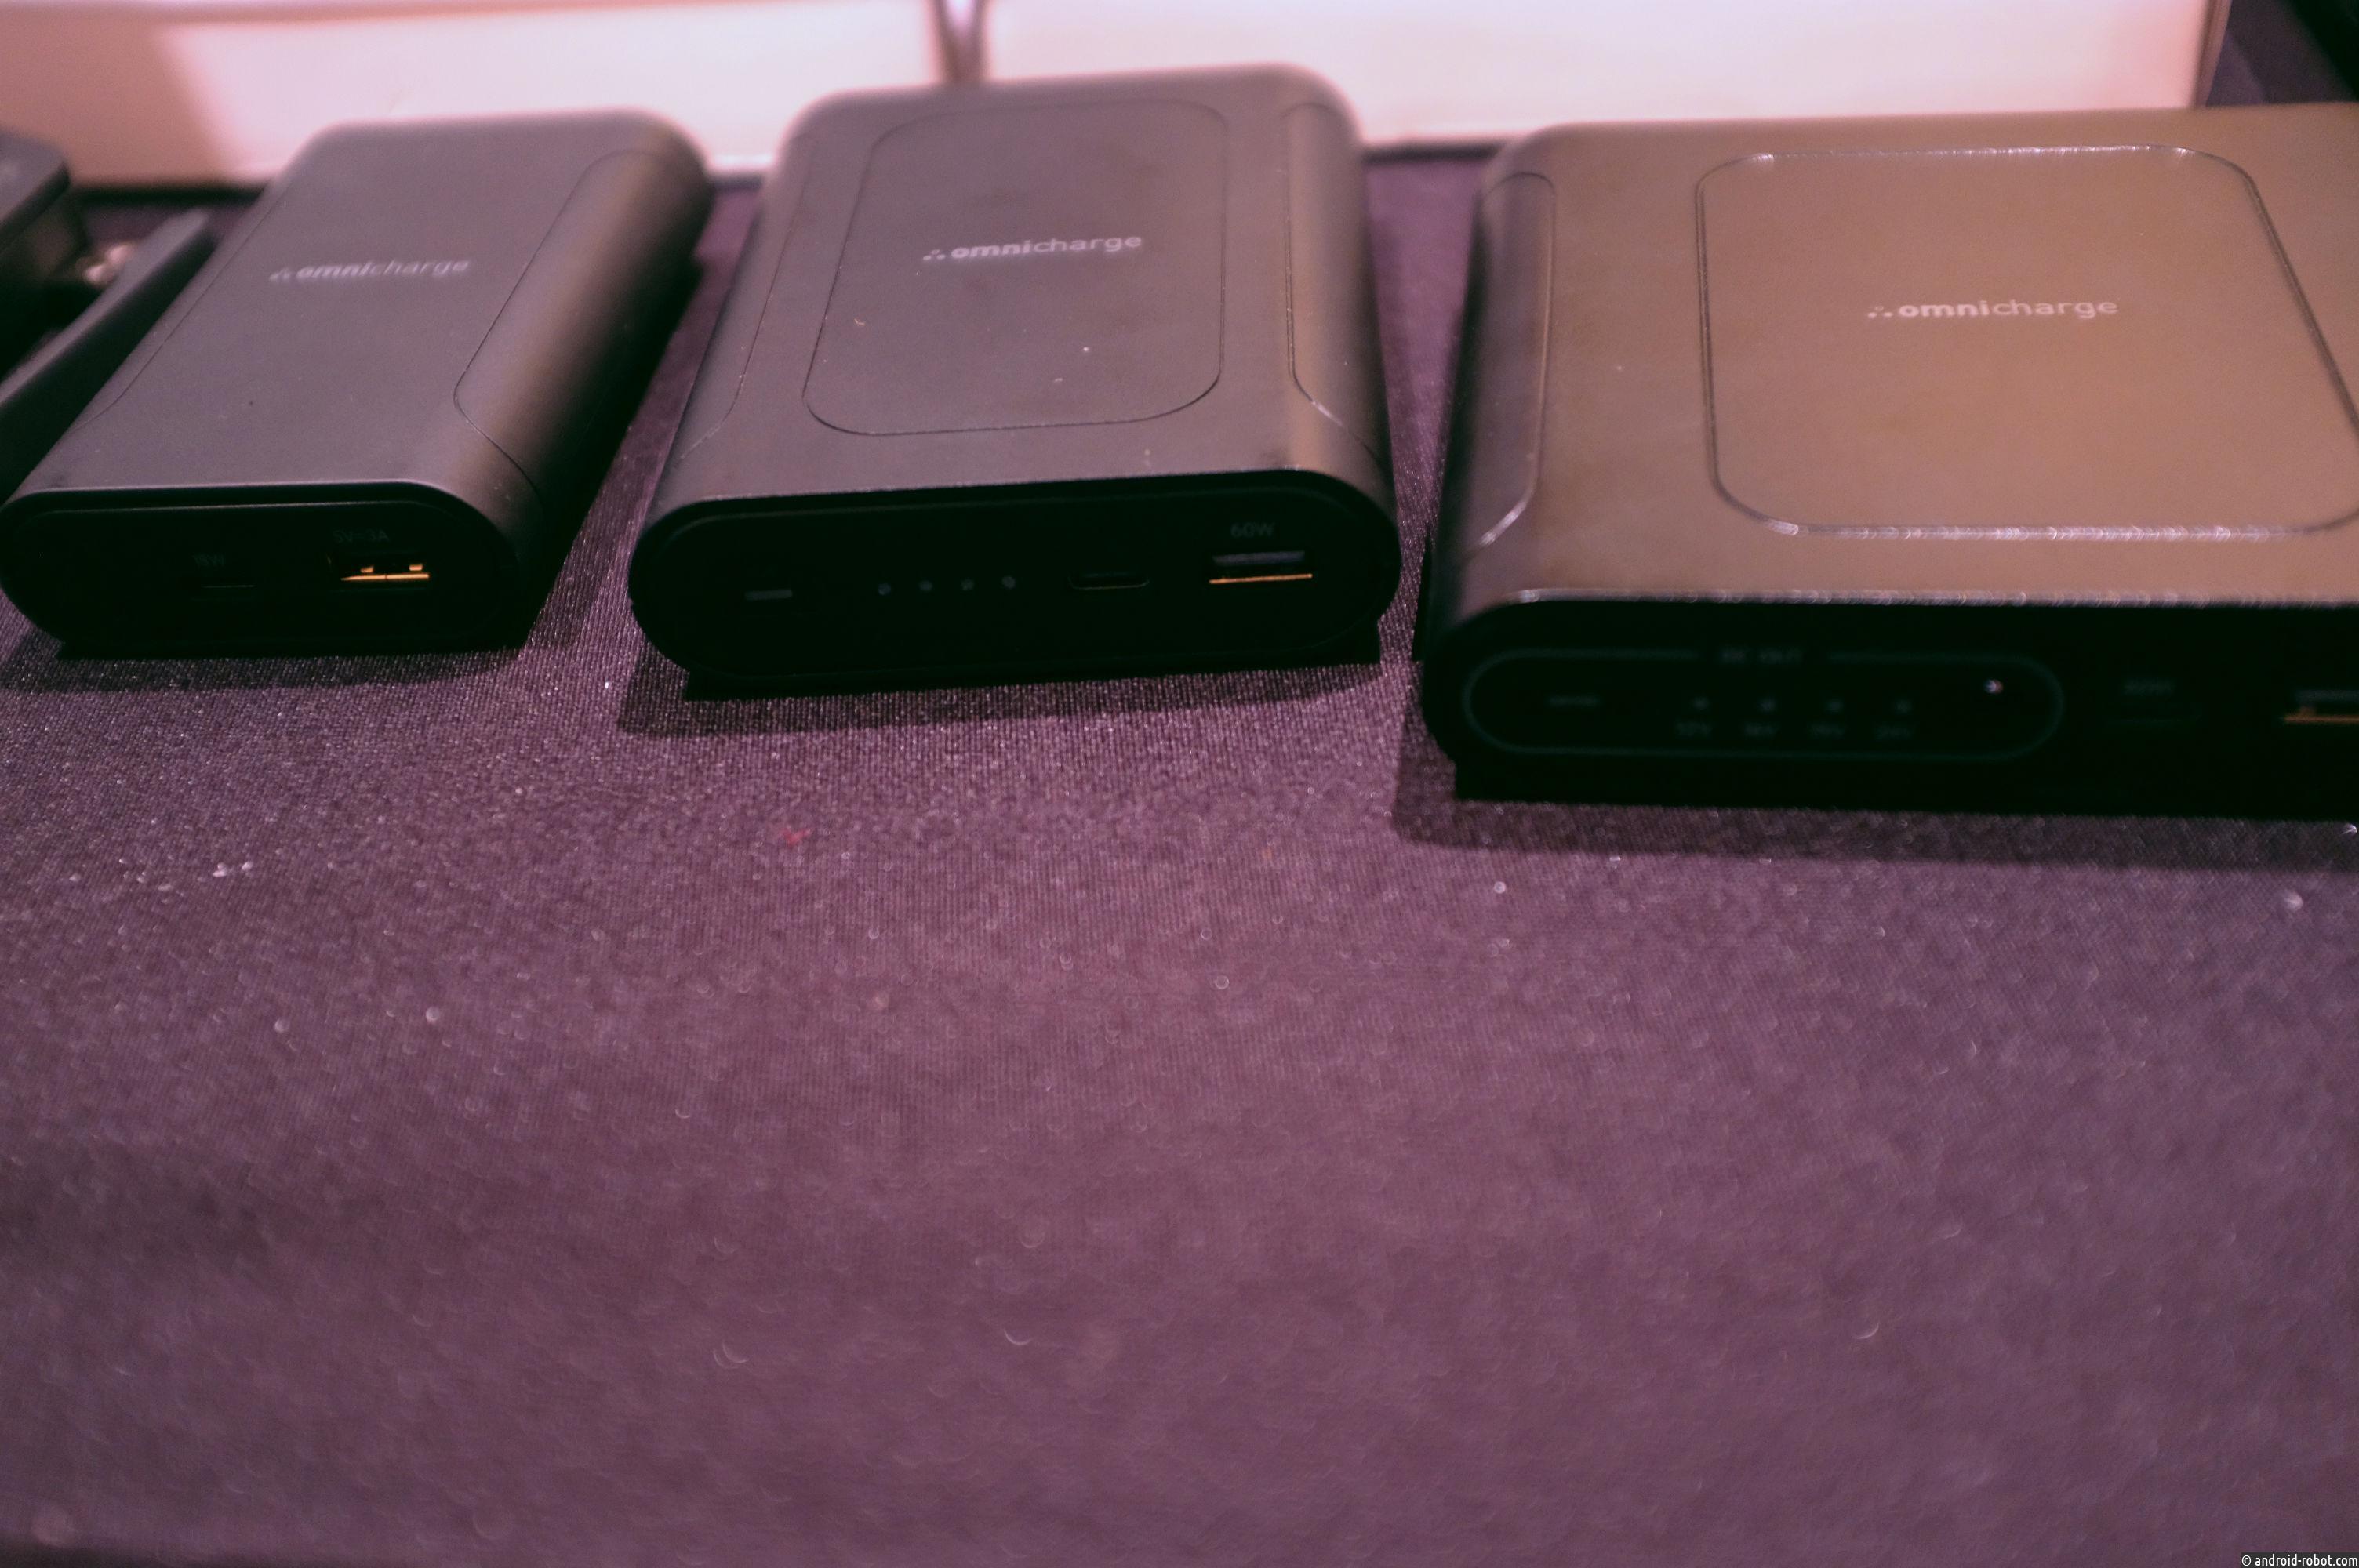 Новый блок питания OmniCharge оснащен сменной батареей емкостью 40 300 мАч